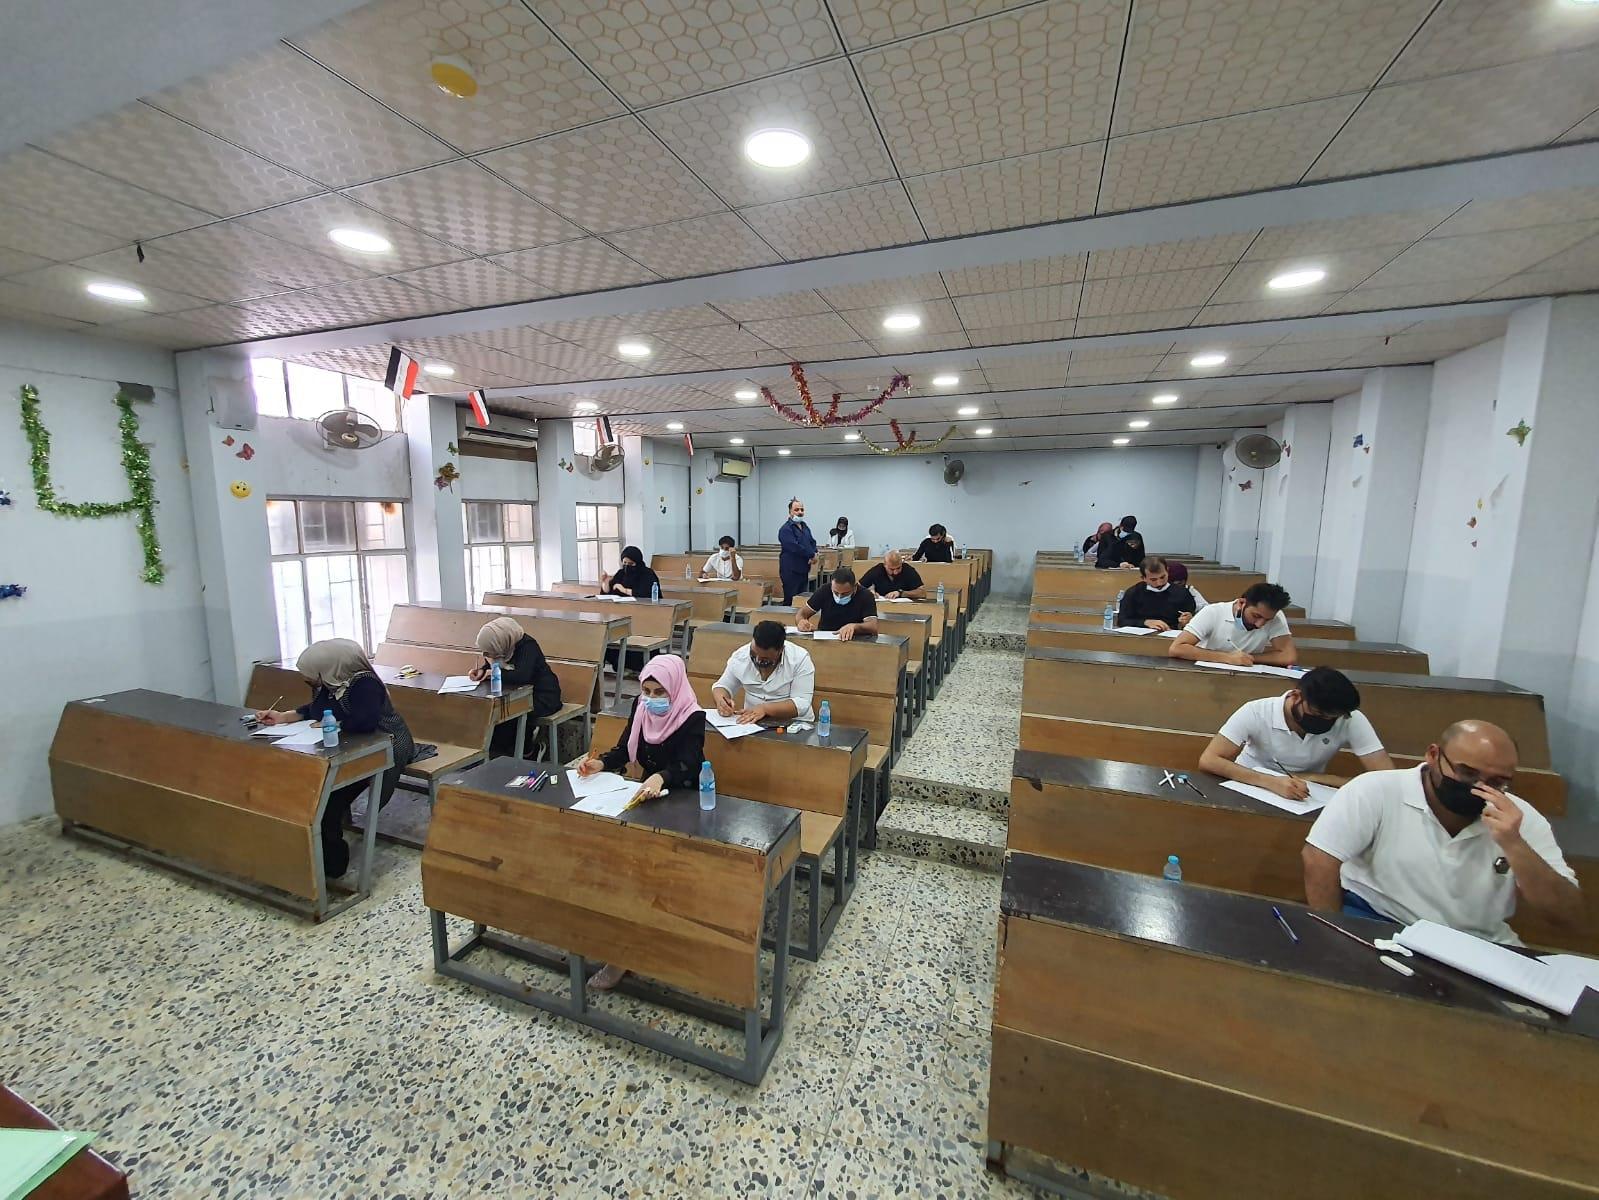 بدء الامتحانات النهائية للدور الأول 2020-2021 في كلية شط العرب الجامعة